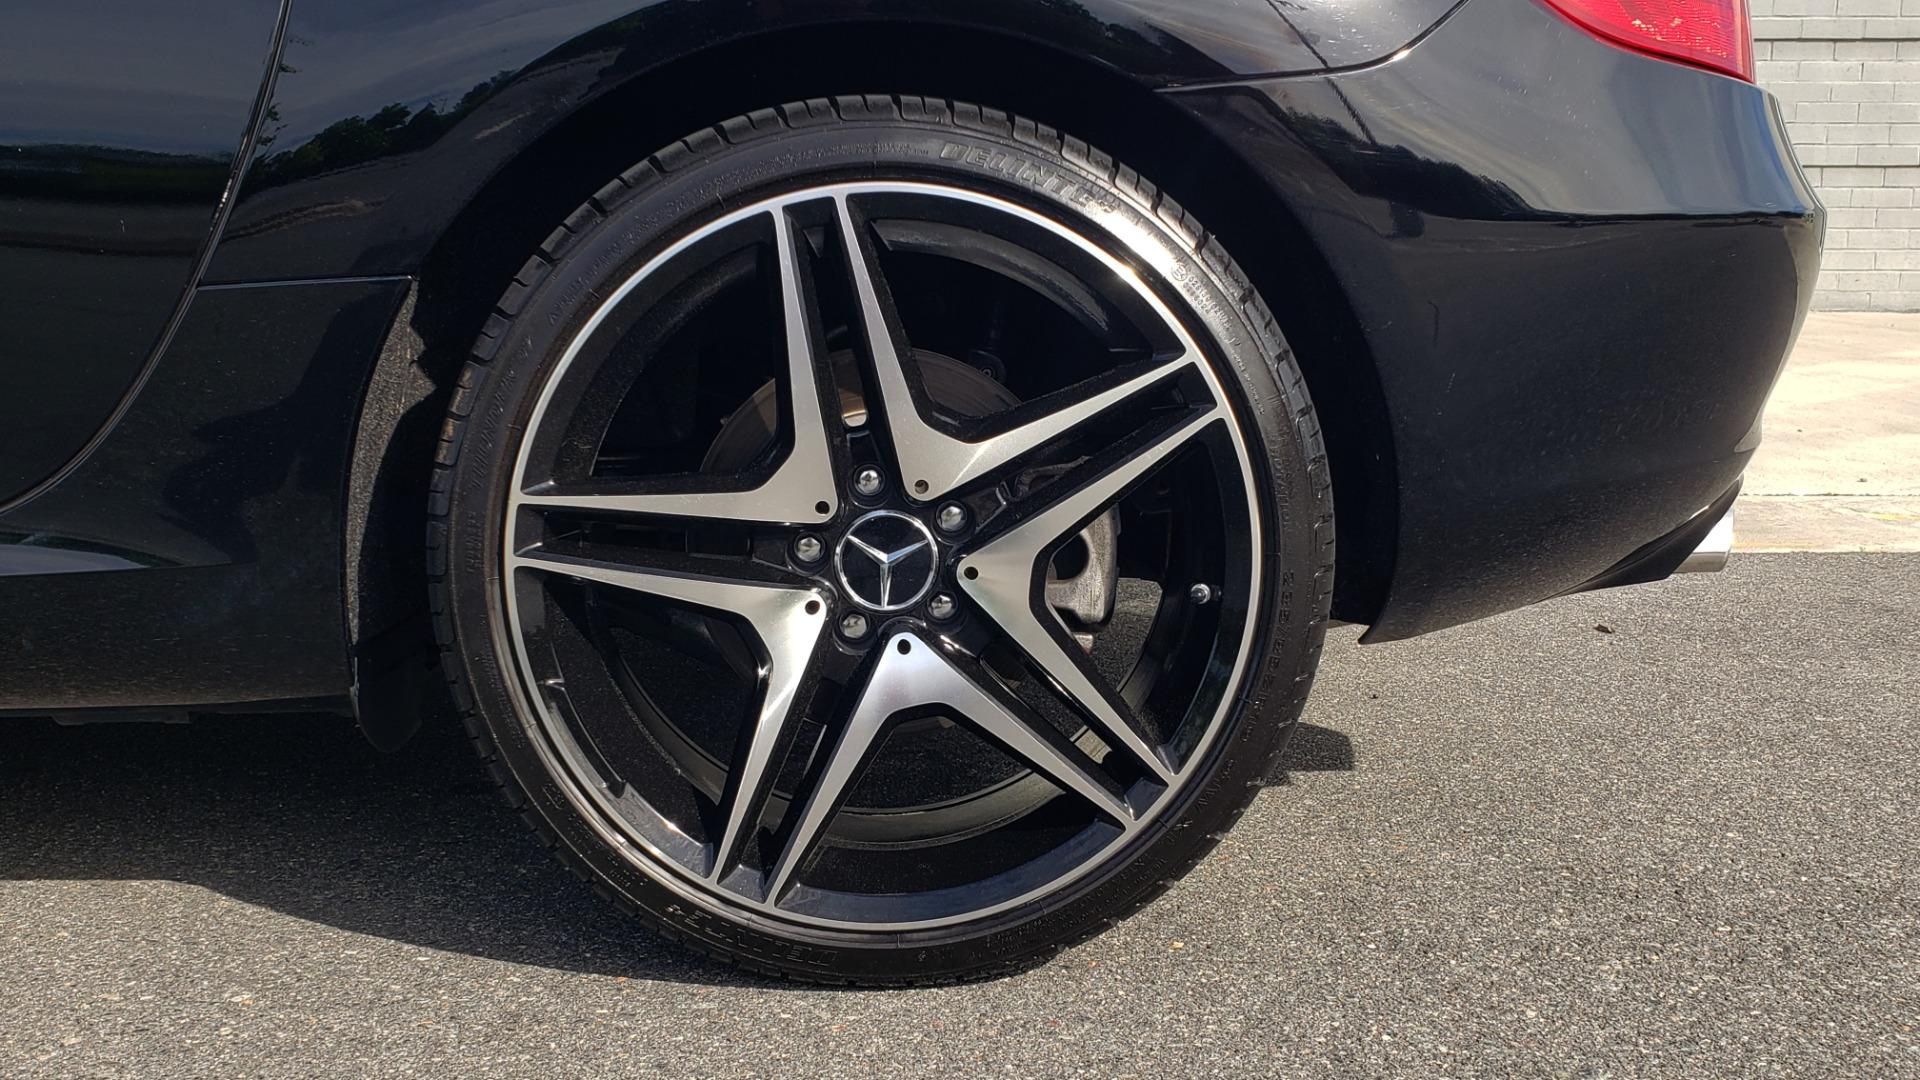 Used 2012 Mercedes-Benz SLK-CLASS SLK 250 ROADSTER / PREM 1 PKG / COMAND LAUNCH PKG / 7-SPD AUTO for sale $24,995 at Formula Imports in Charlotte NC 28227 61